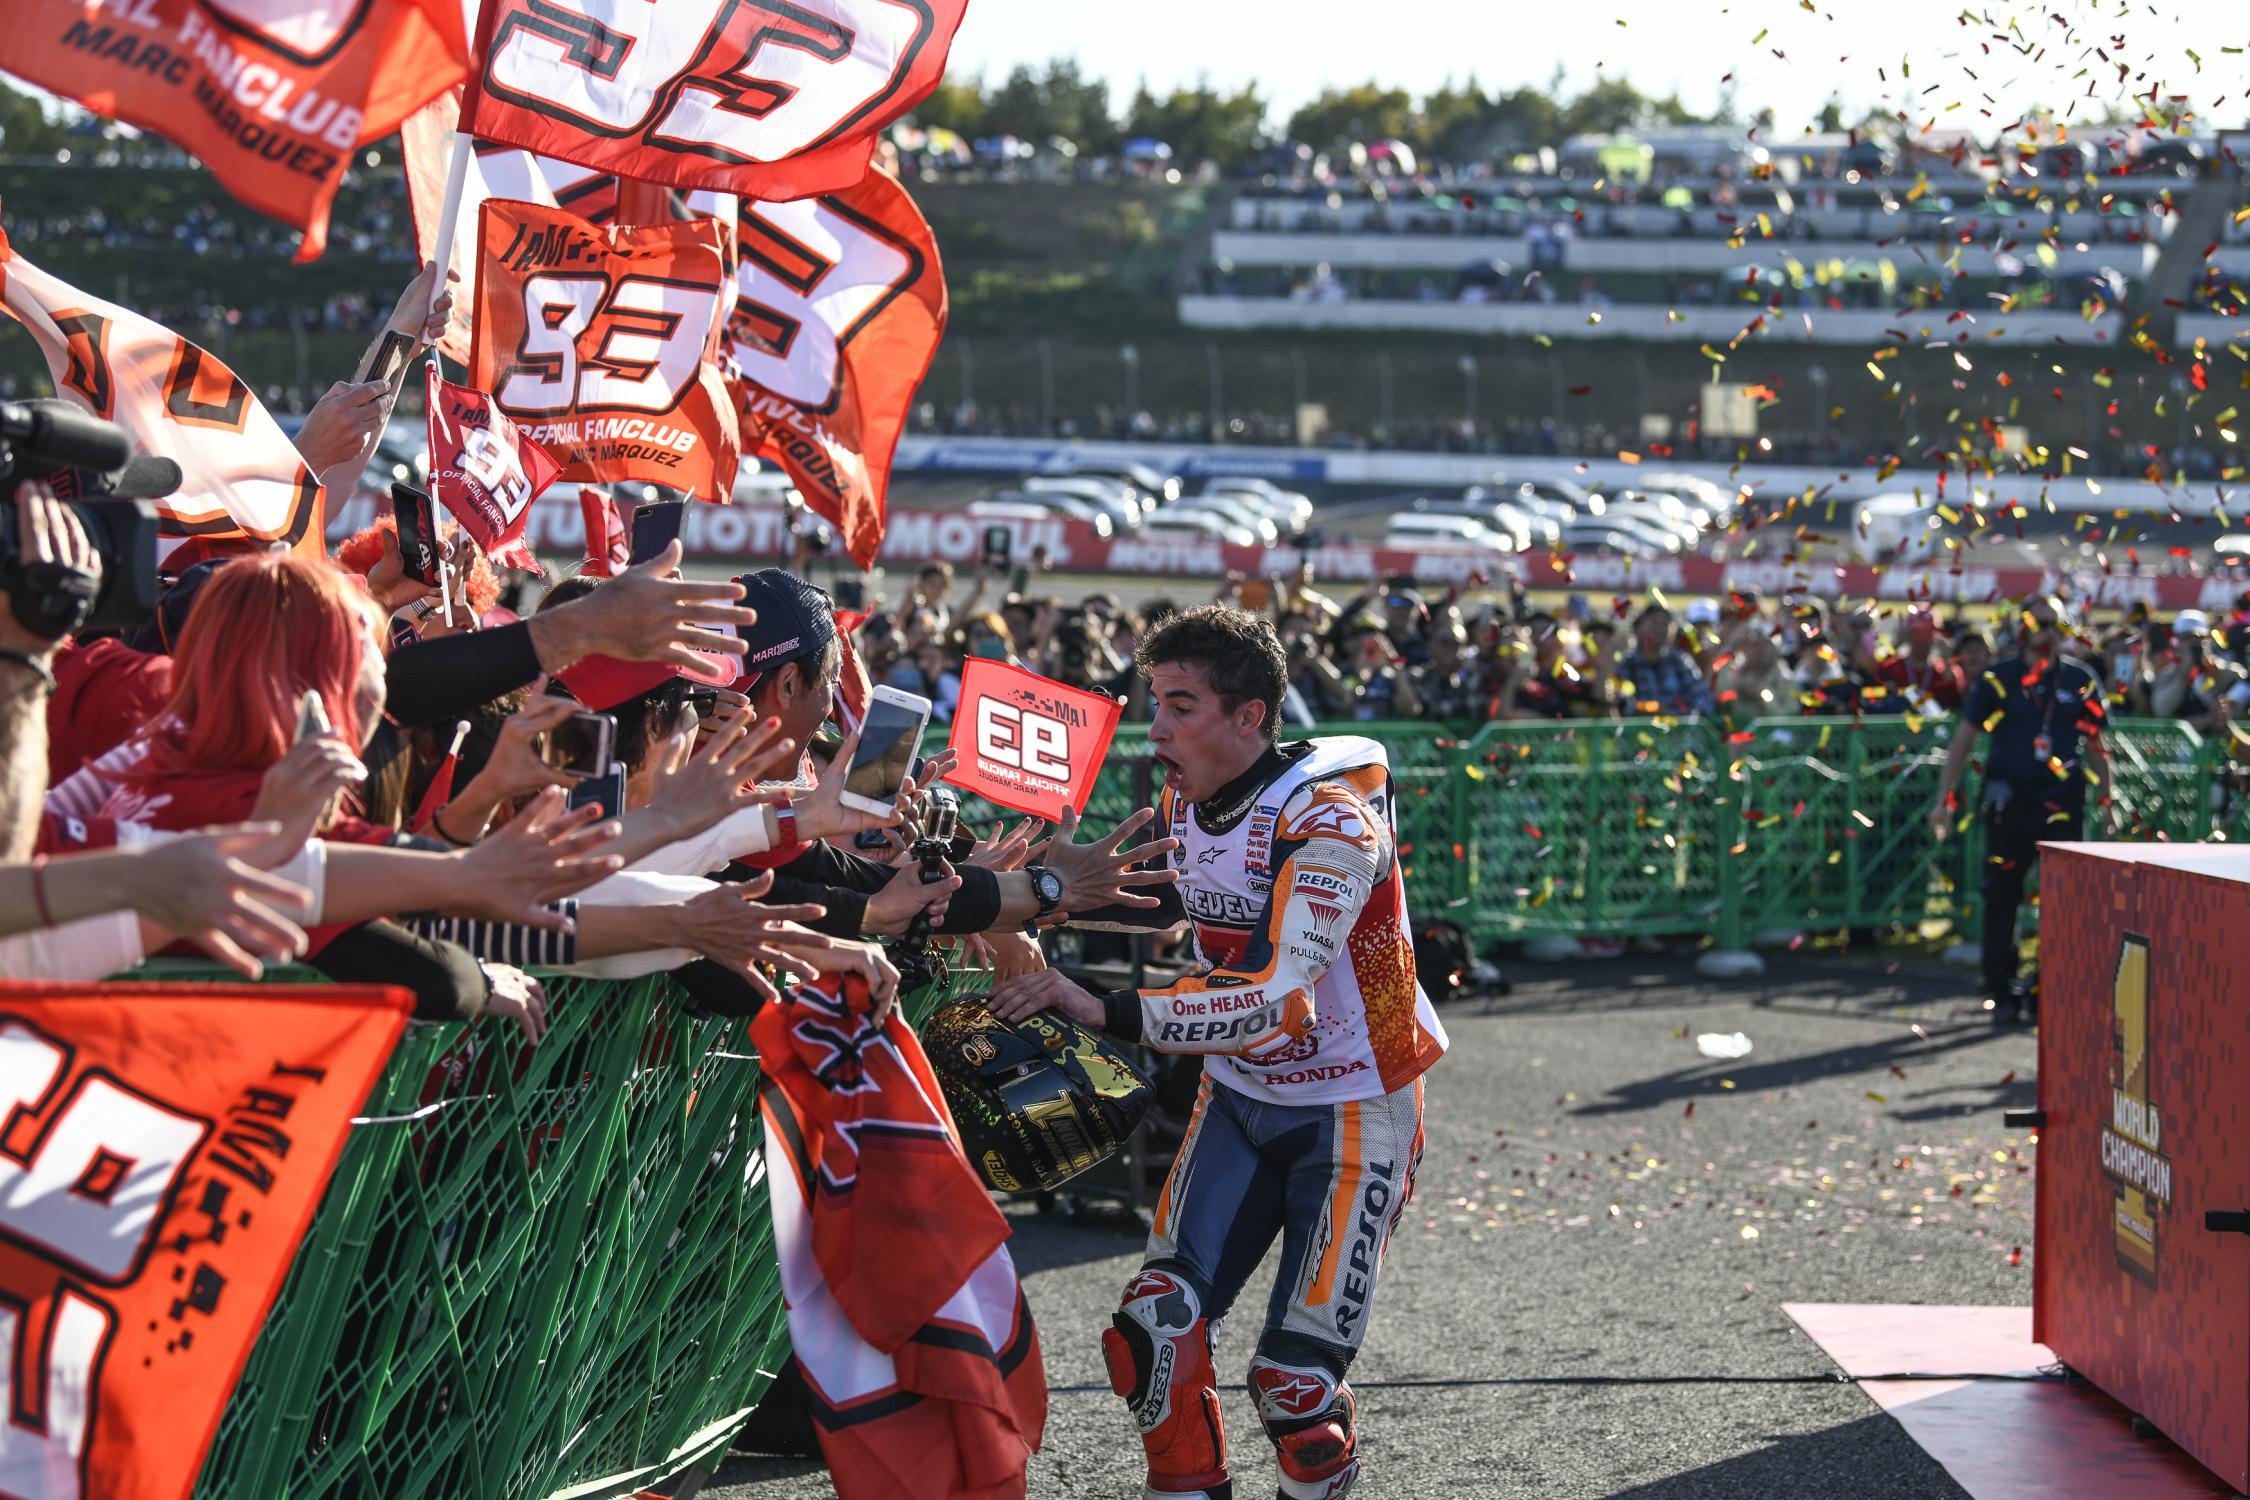 Le bar de la compétition moto ! - Page 38 _ds01344.gallery_full_top_fullscreen